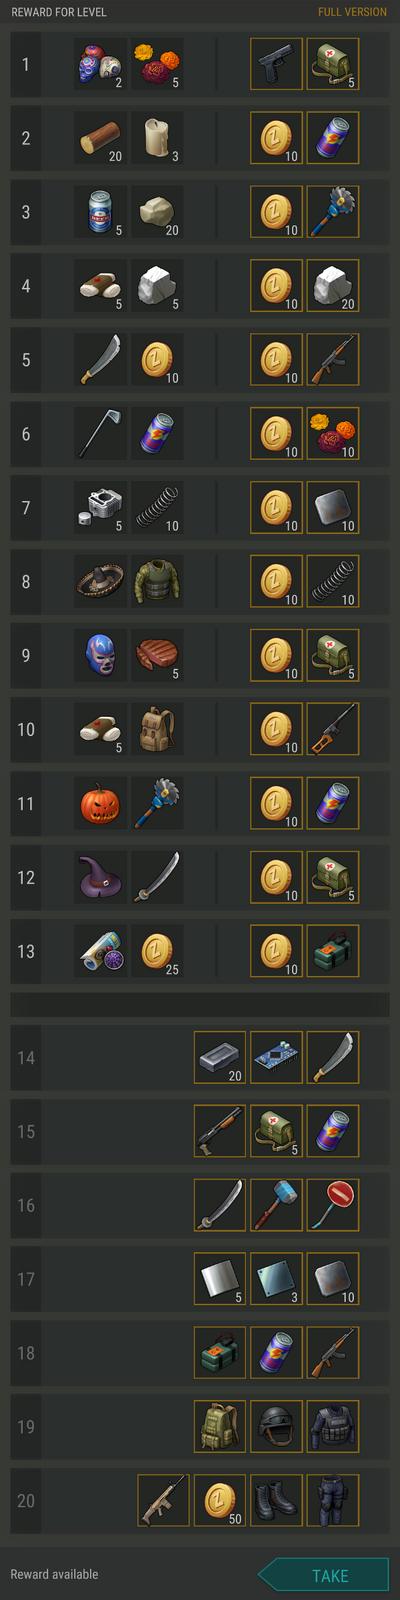 Ritual Book rewards complete